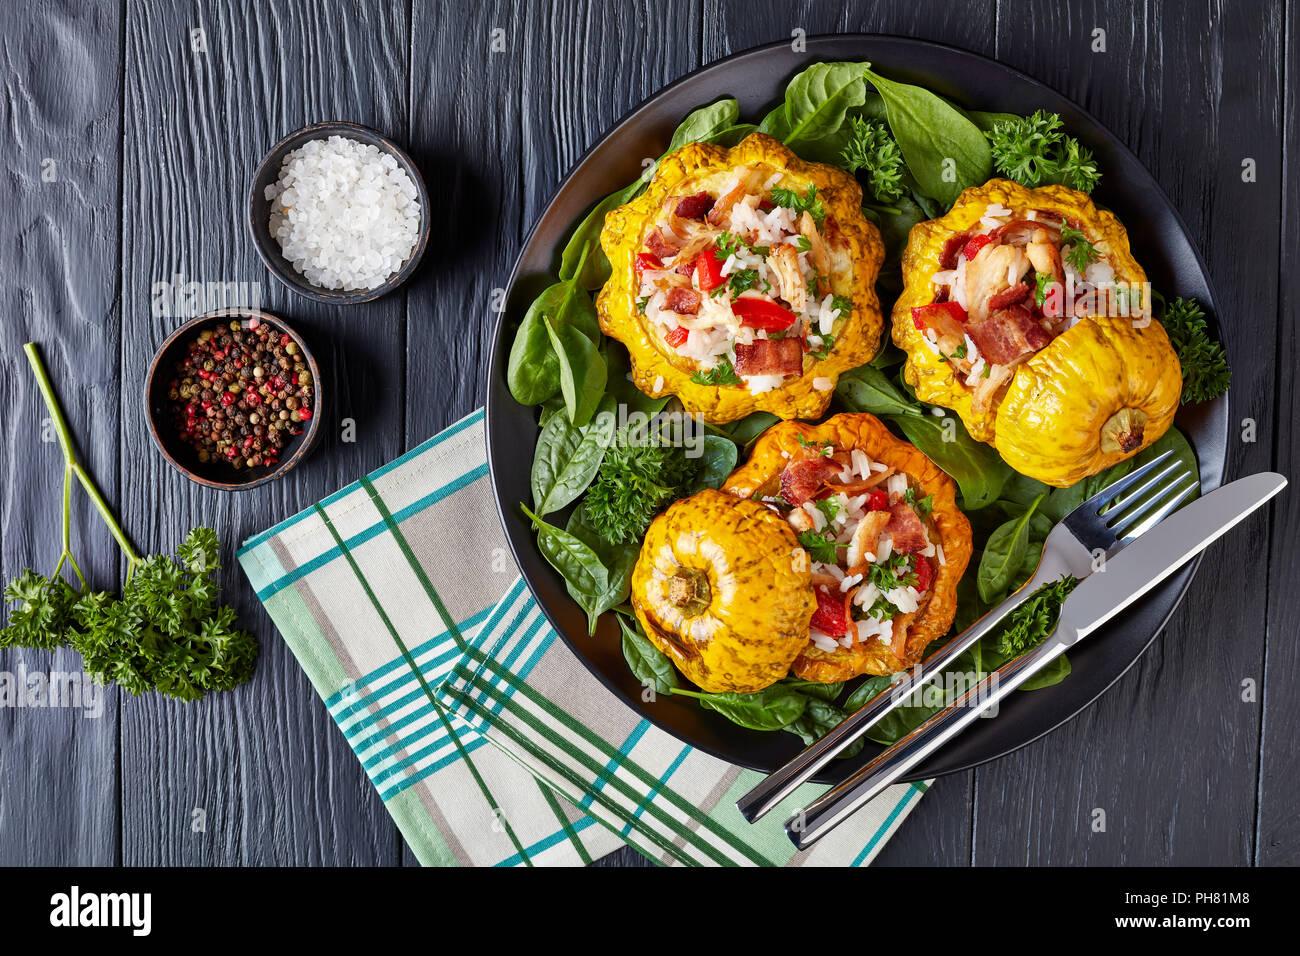 Close-up von gebackenen Pattypan squash gefüllt mit Reis, gebratenes Hühnerfleisch, knusprig gebratener Speck, rote Paprika und Serviert mit Spinat Blätter und parsl Stockbild